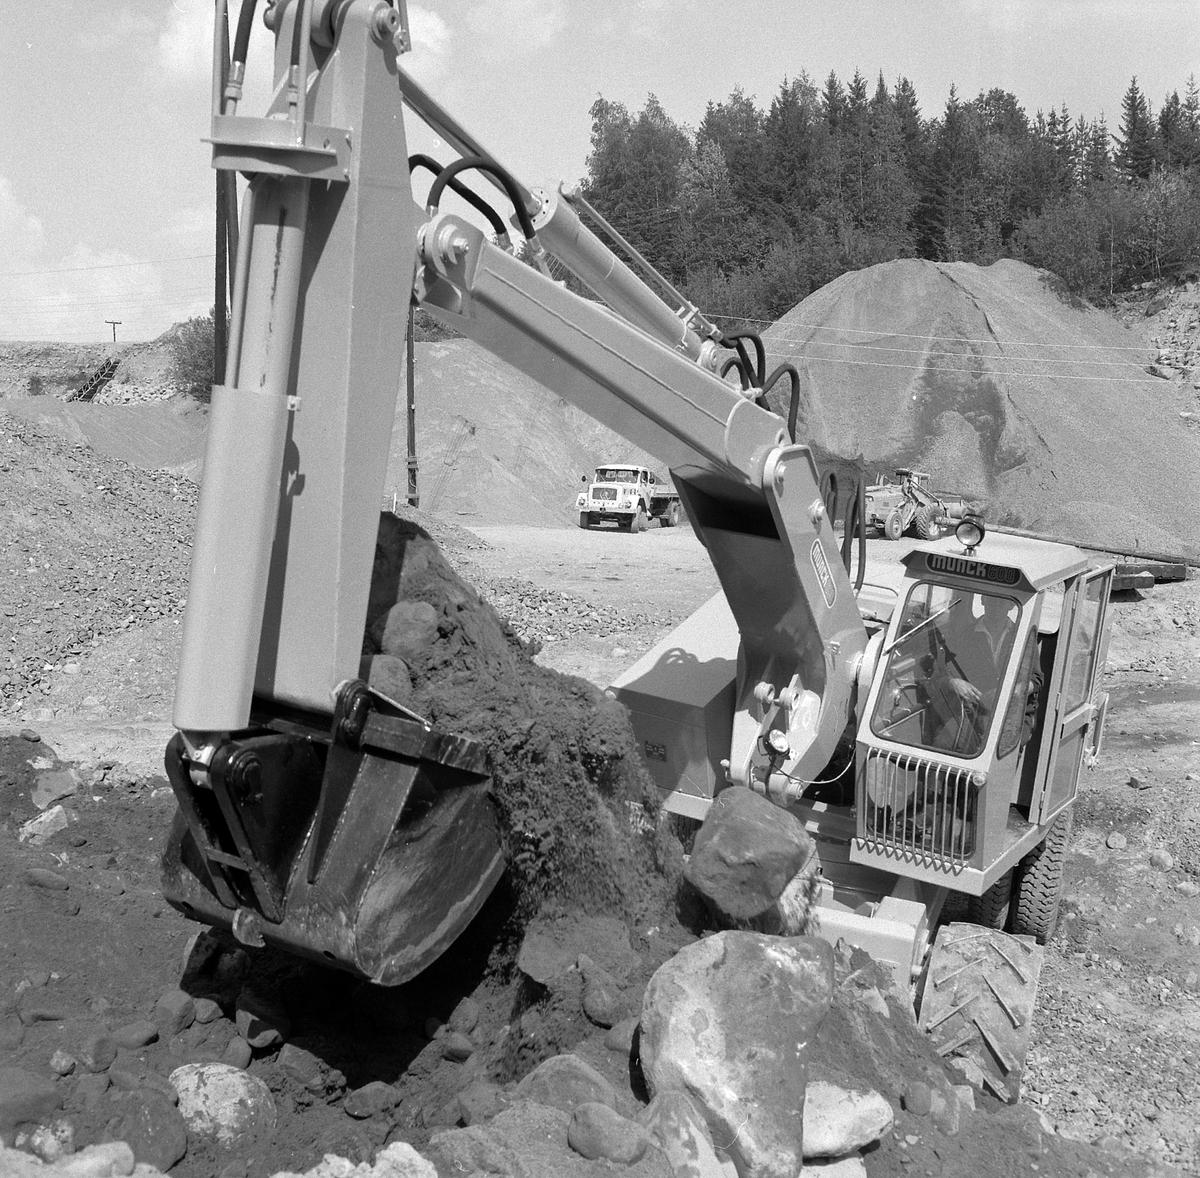 Munch gravemaskin. Maskinen har samme type understell som Brøyt. Jernhjul og gummihjul. Brøyt kunne hekte grabben på planet på en lastebil, og trekkes på gummihjulene. Den trengte ikke spesialtransport. På arbeidsstedet trakk den seg fram med grabben, men hadde også drift på jernhjulene.